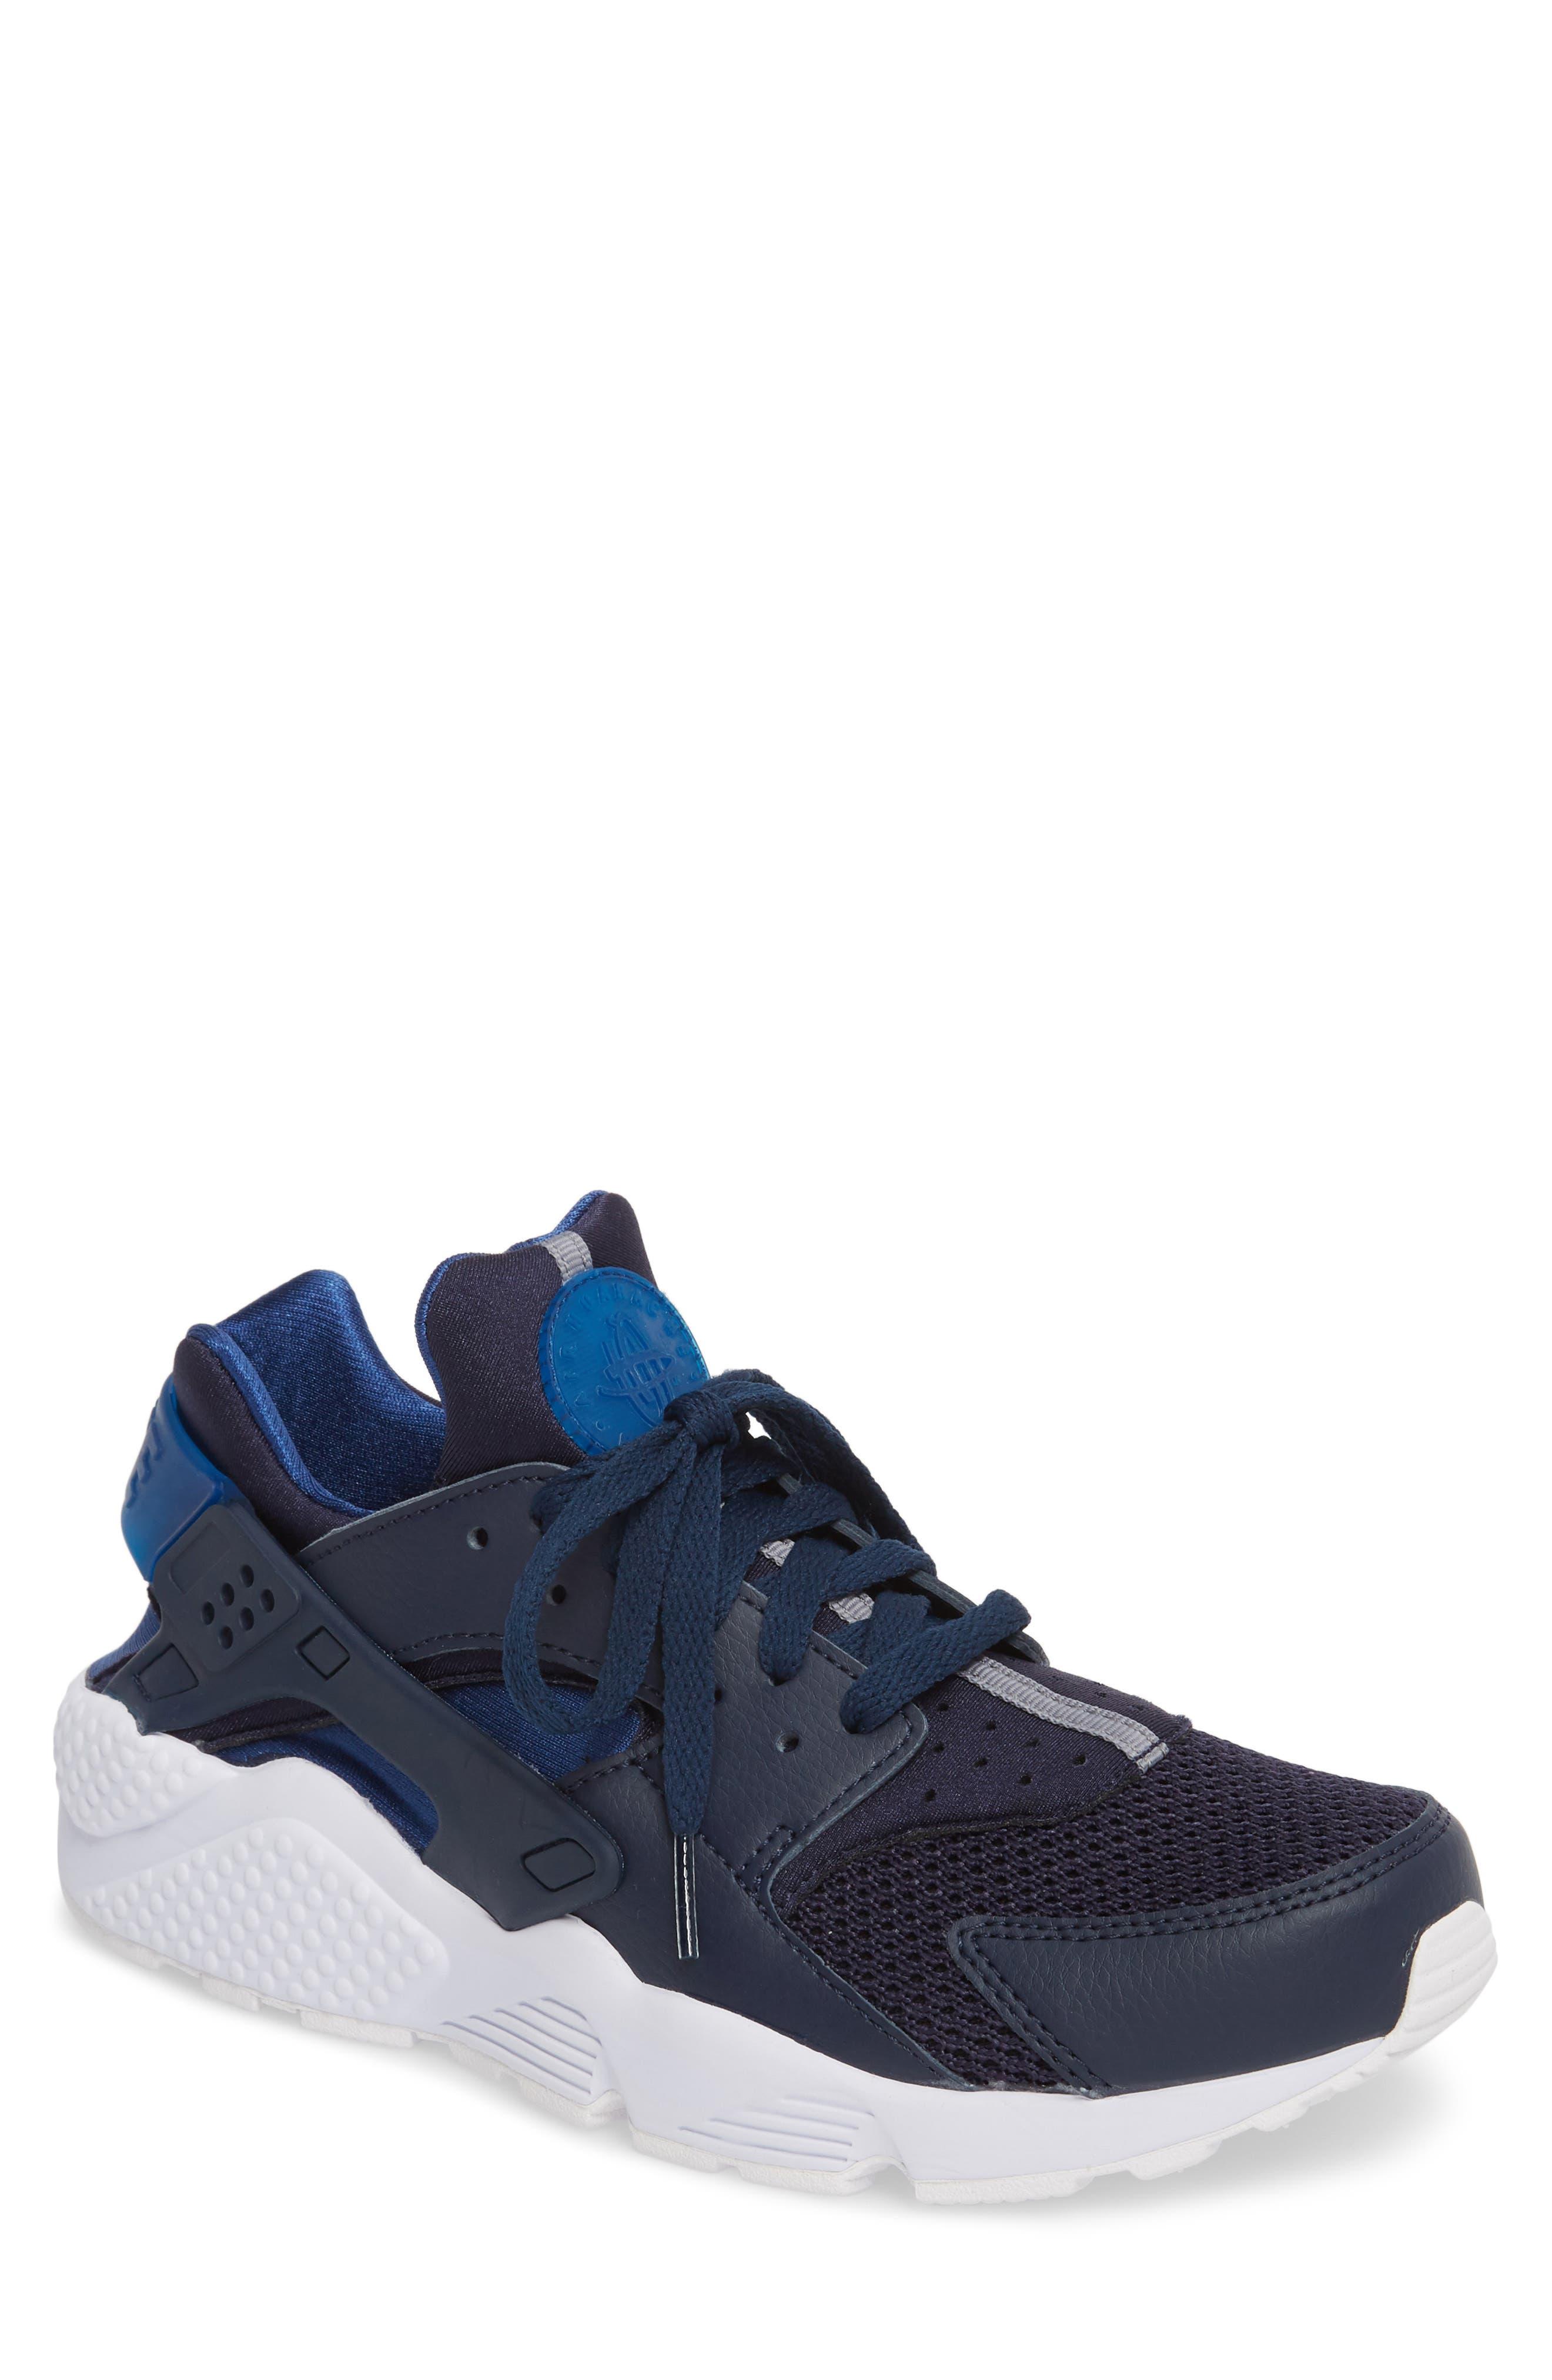 'Air Huarache' Sneaker,                         Main,                         color, Obsidian/ Gym Blue